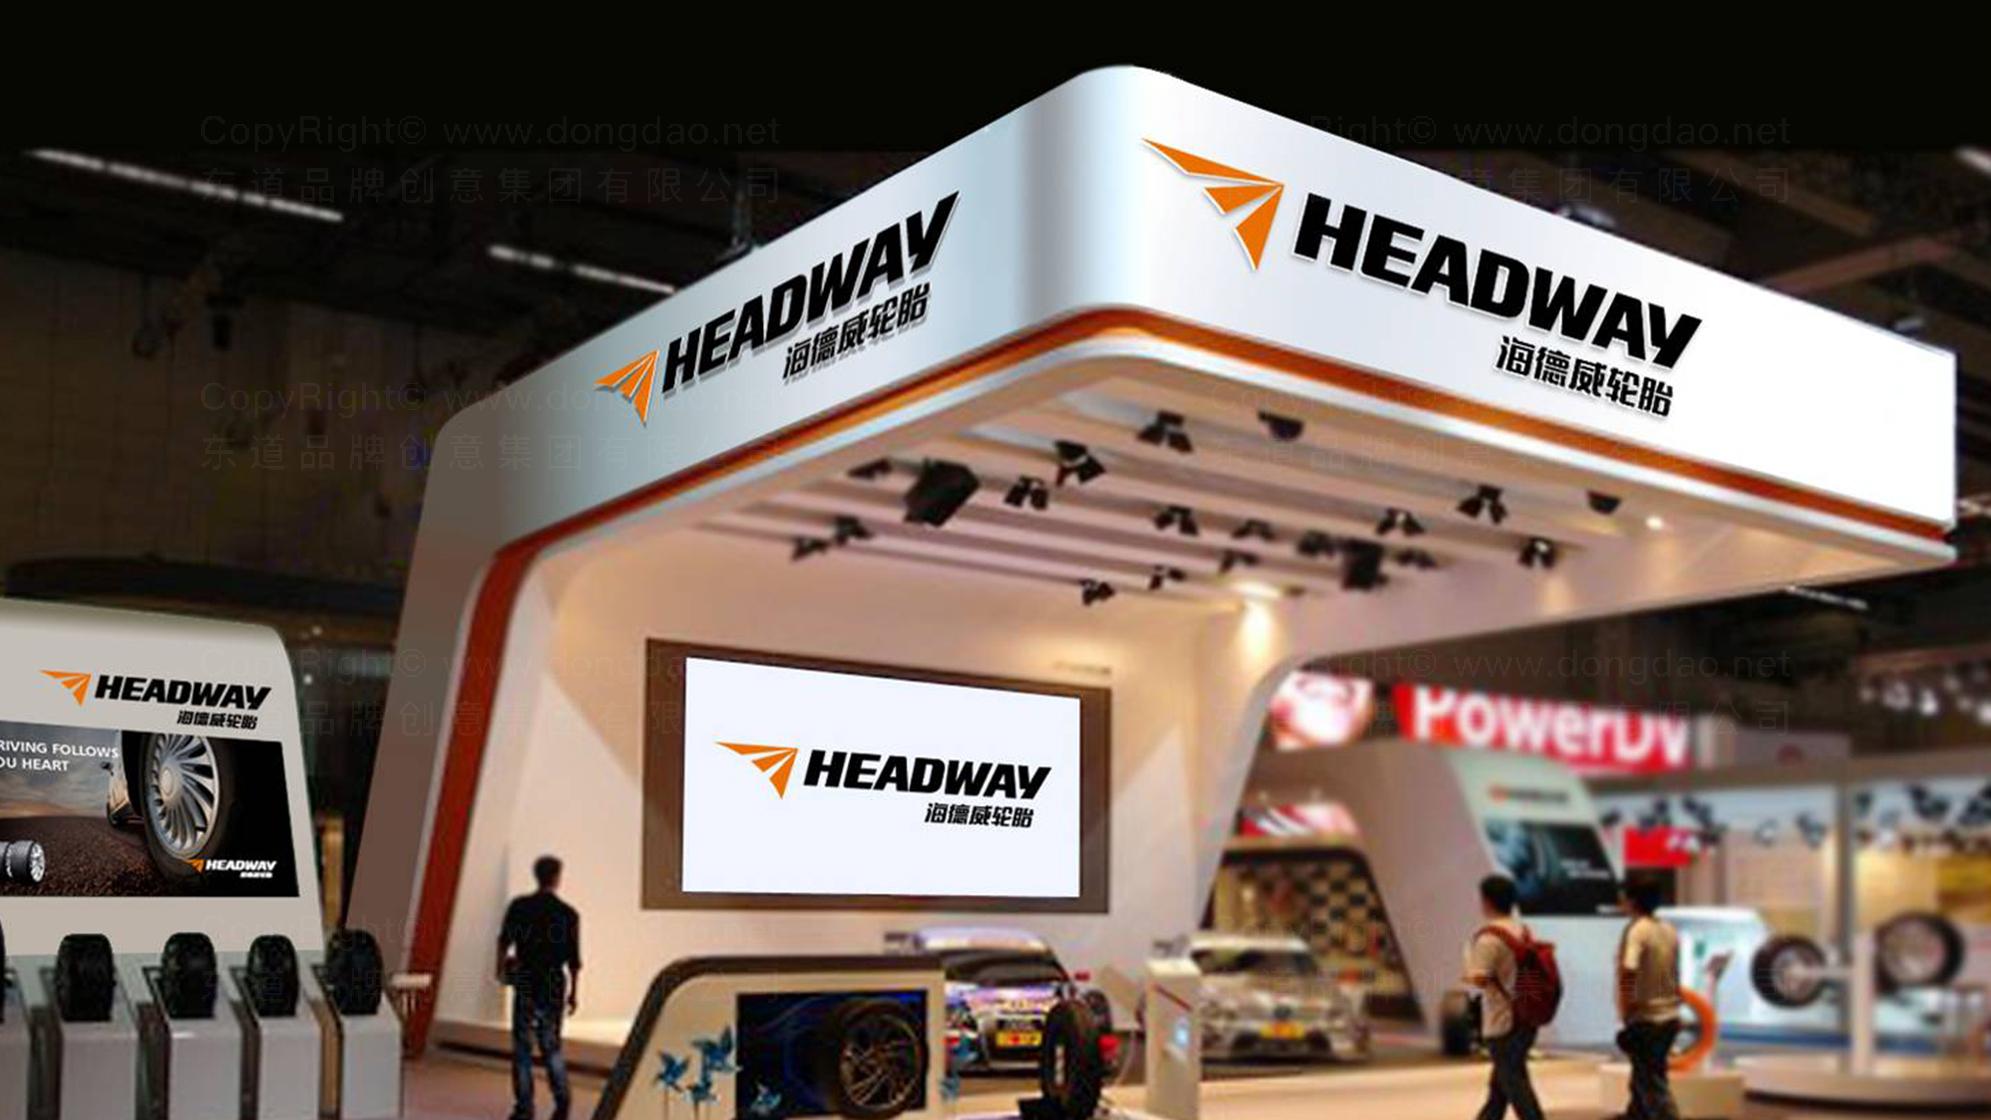 品牌设计海德威轮胎标志设计应用场景_6